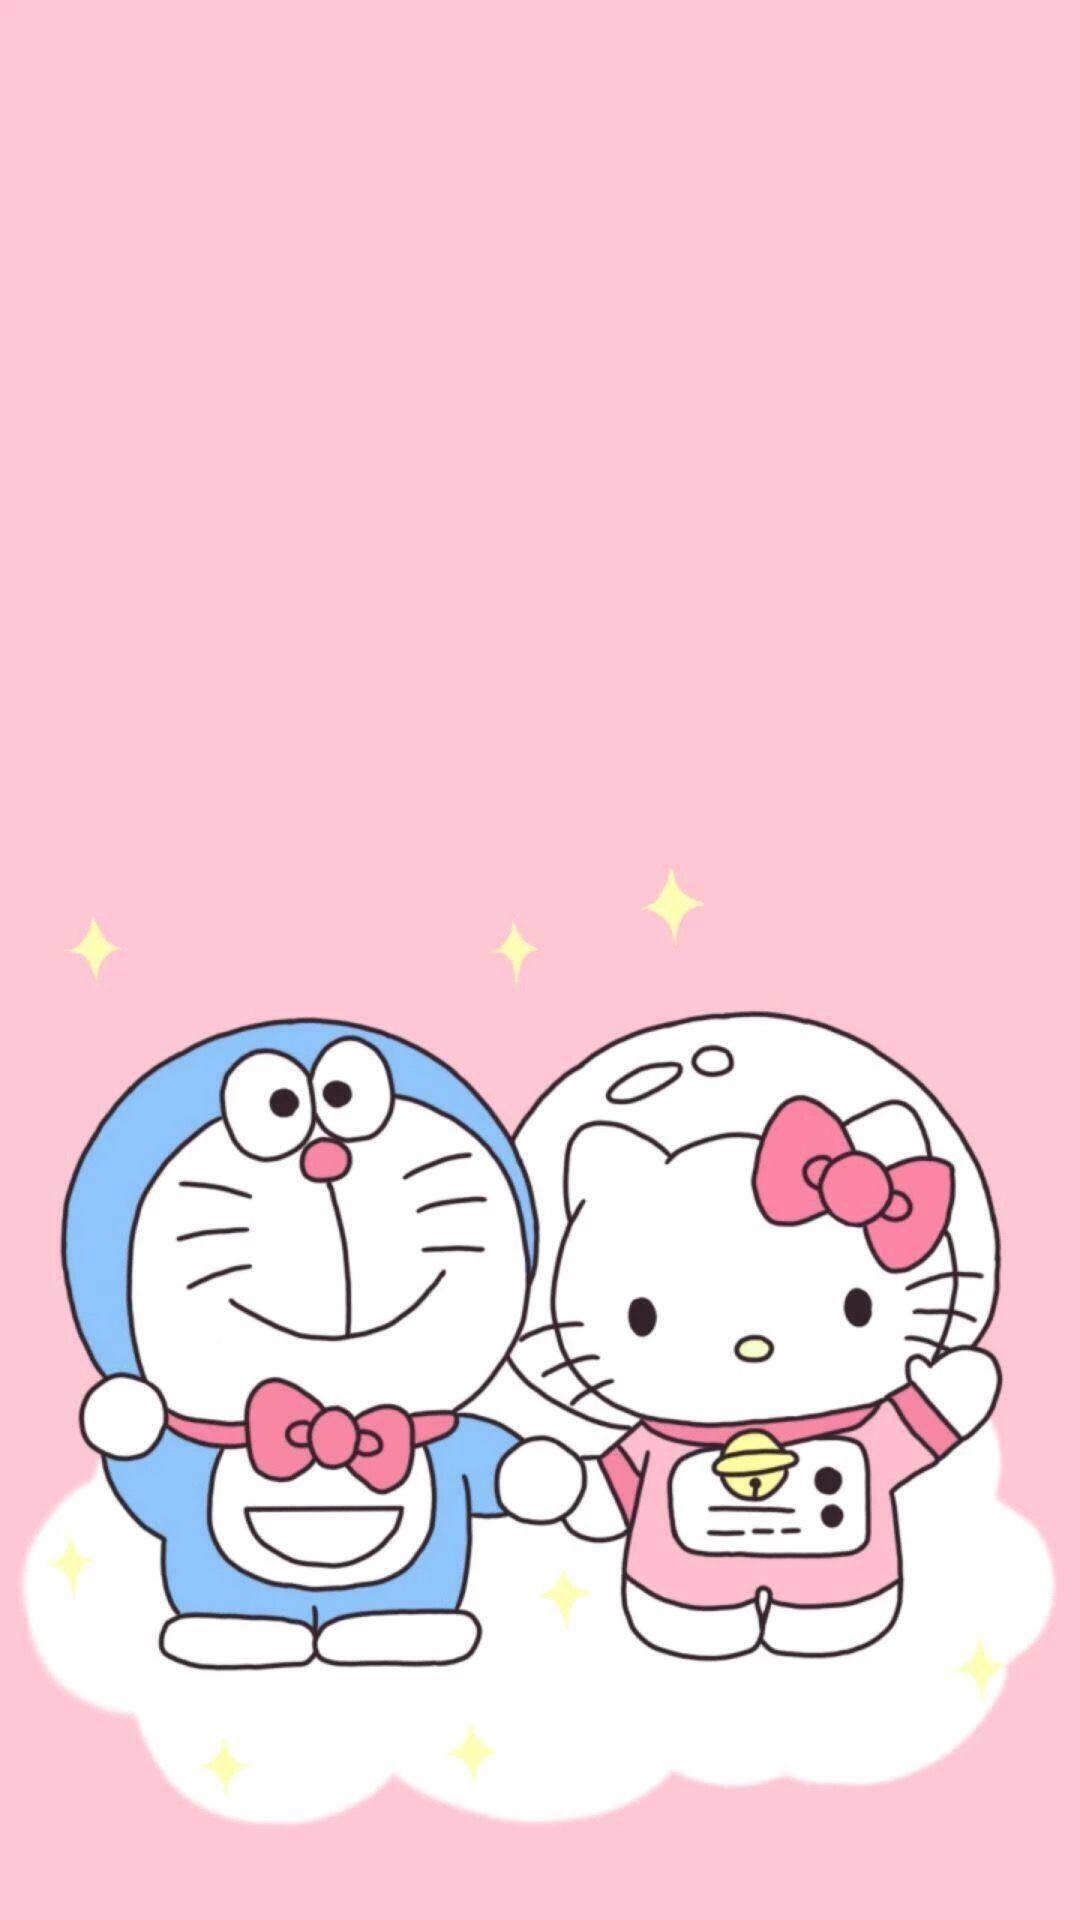 76 Wallpaper Doraemon Latar Pink HD Terlihat Keren Untuk